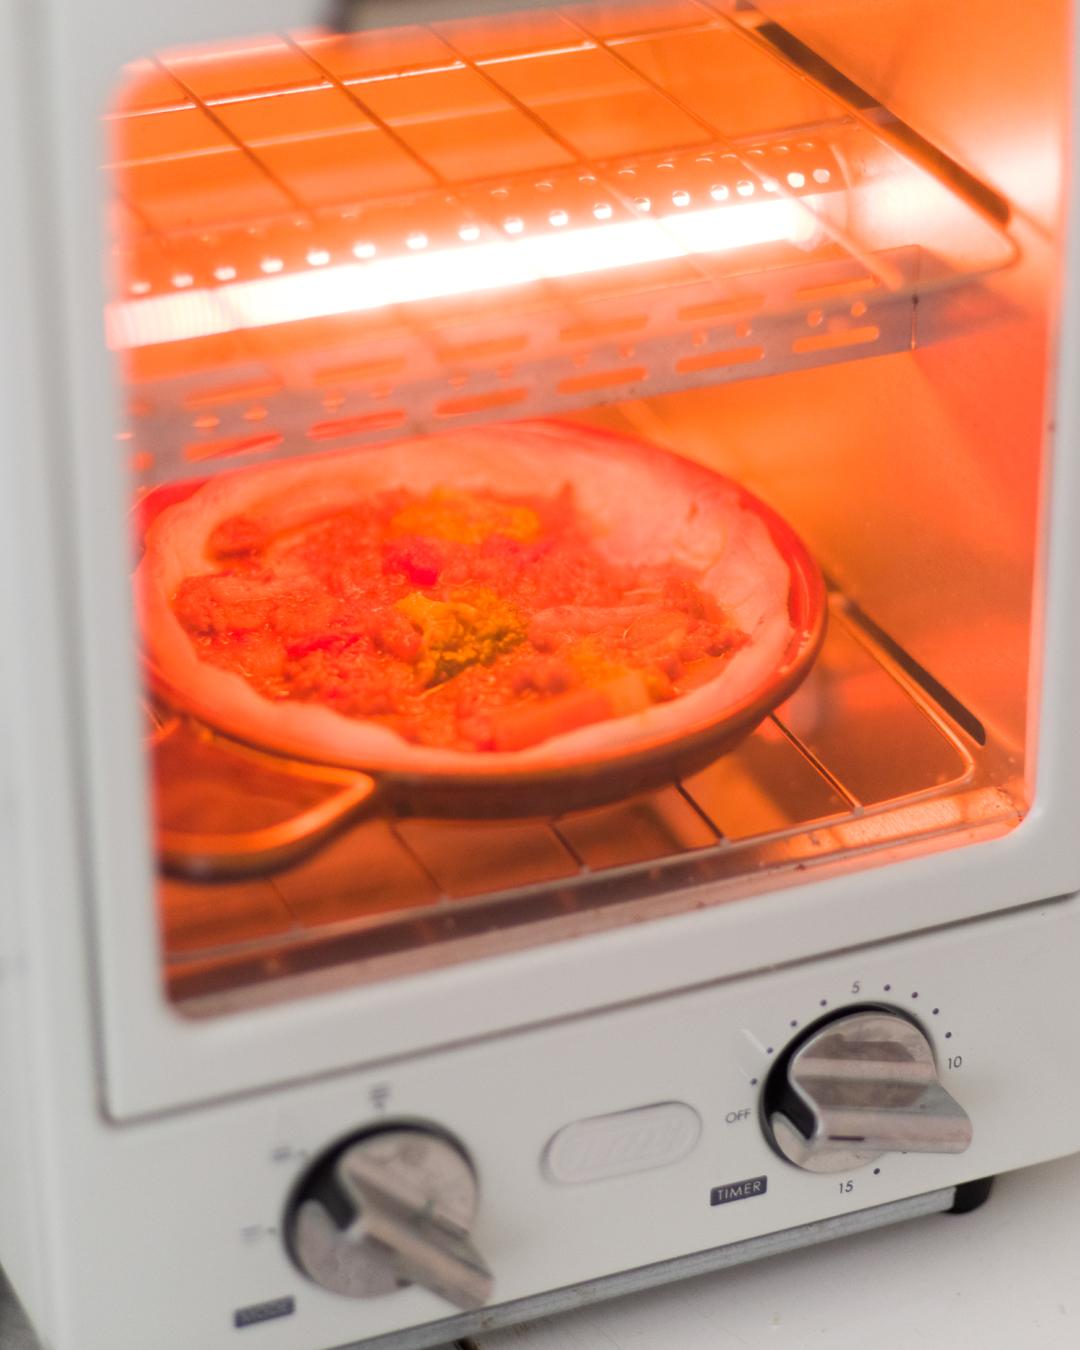 ピザ生地をのせてトースター